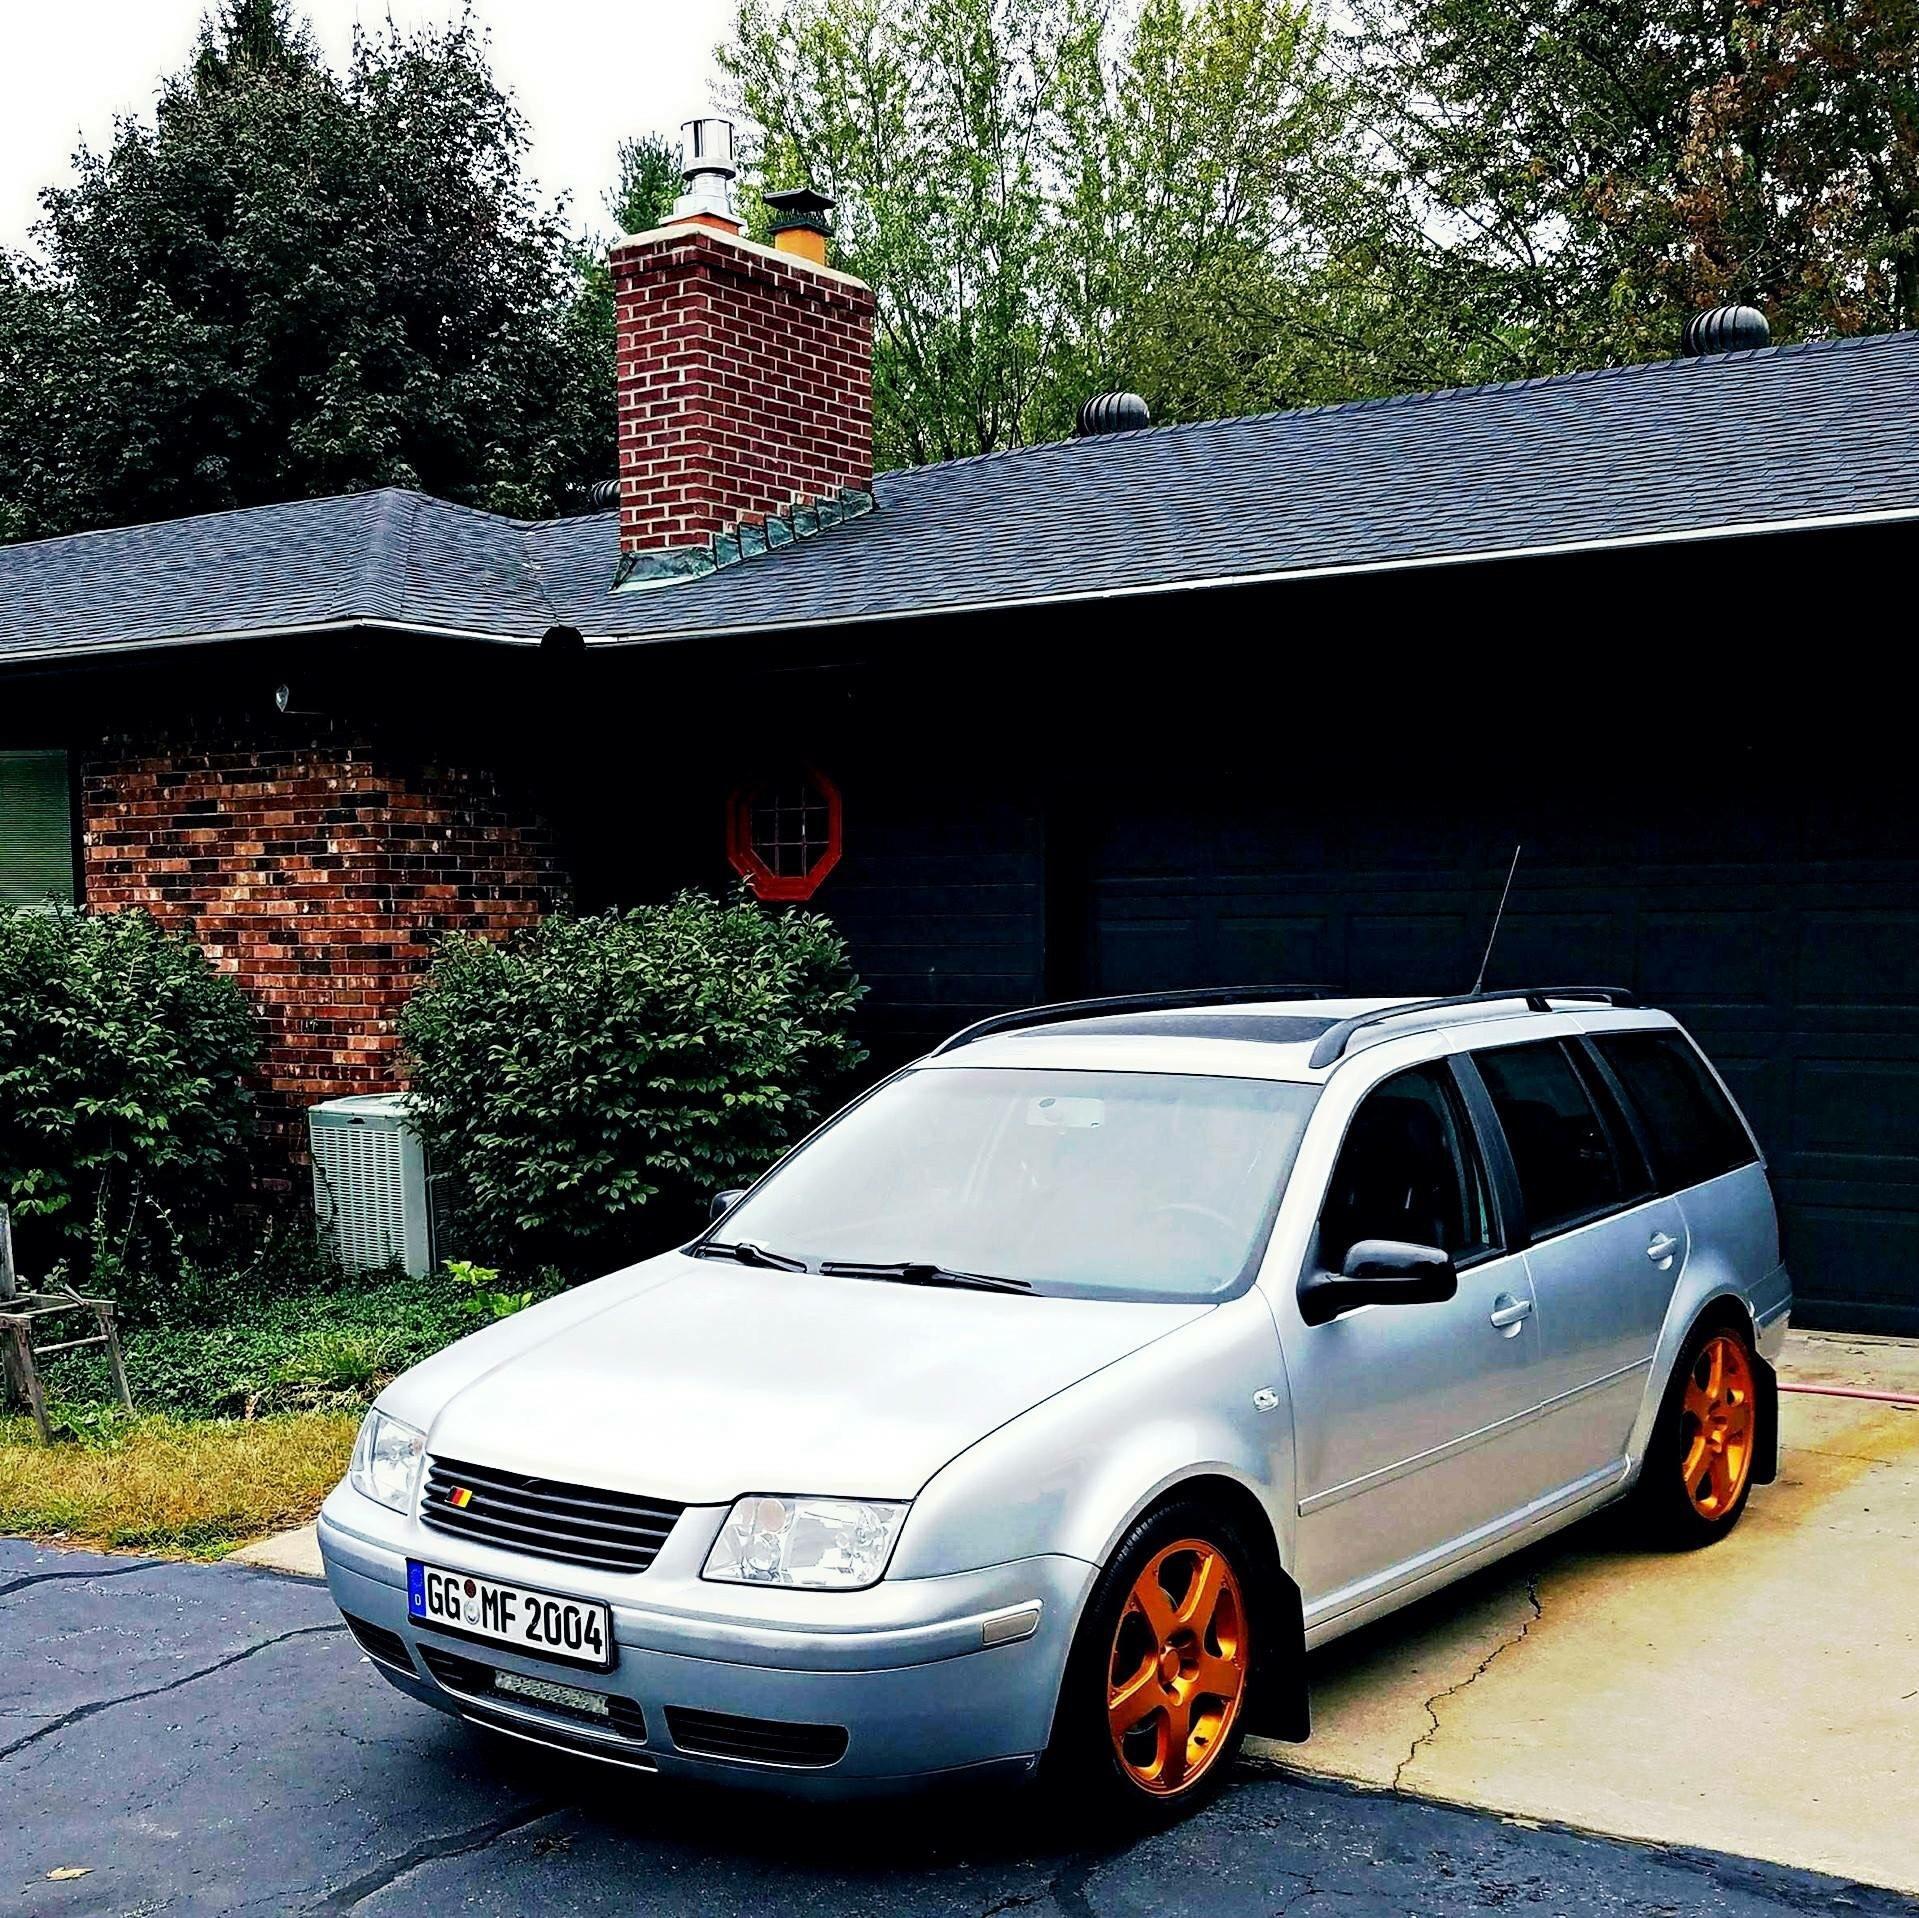 2003 Volkswagen Jetta Gls Tdi Wagon